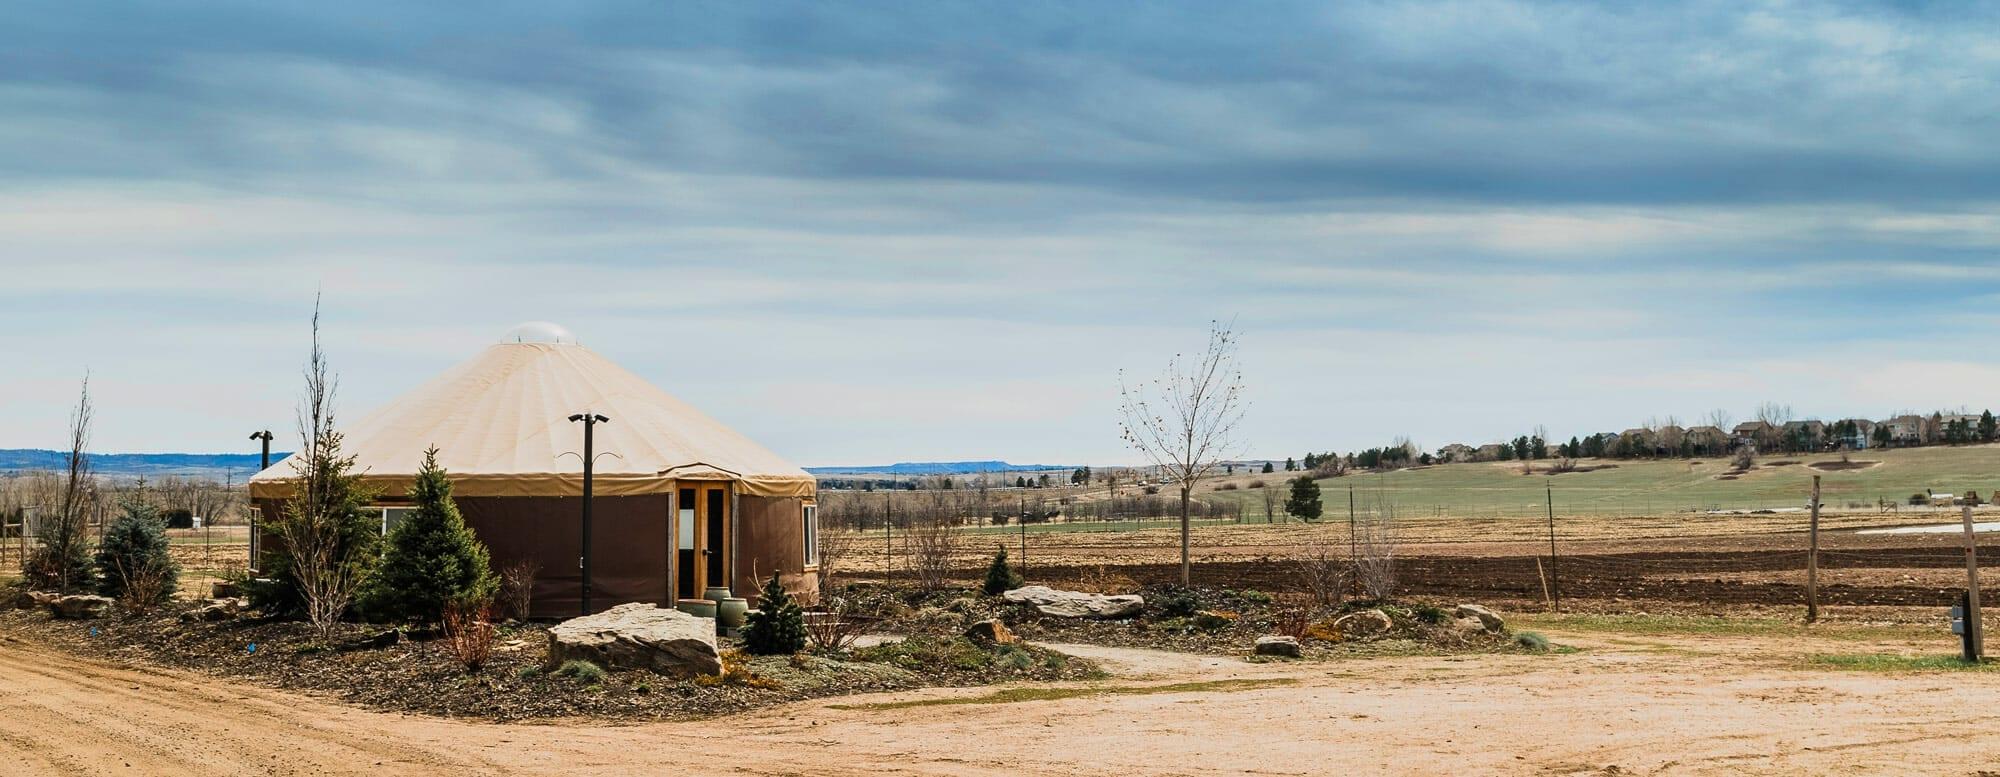 Denver Botanic Gardens Chatfield Farms Virtual Tour - The Yurt